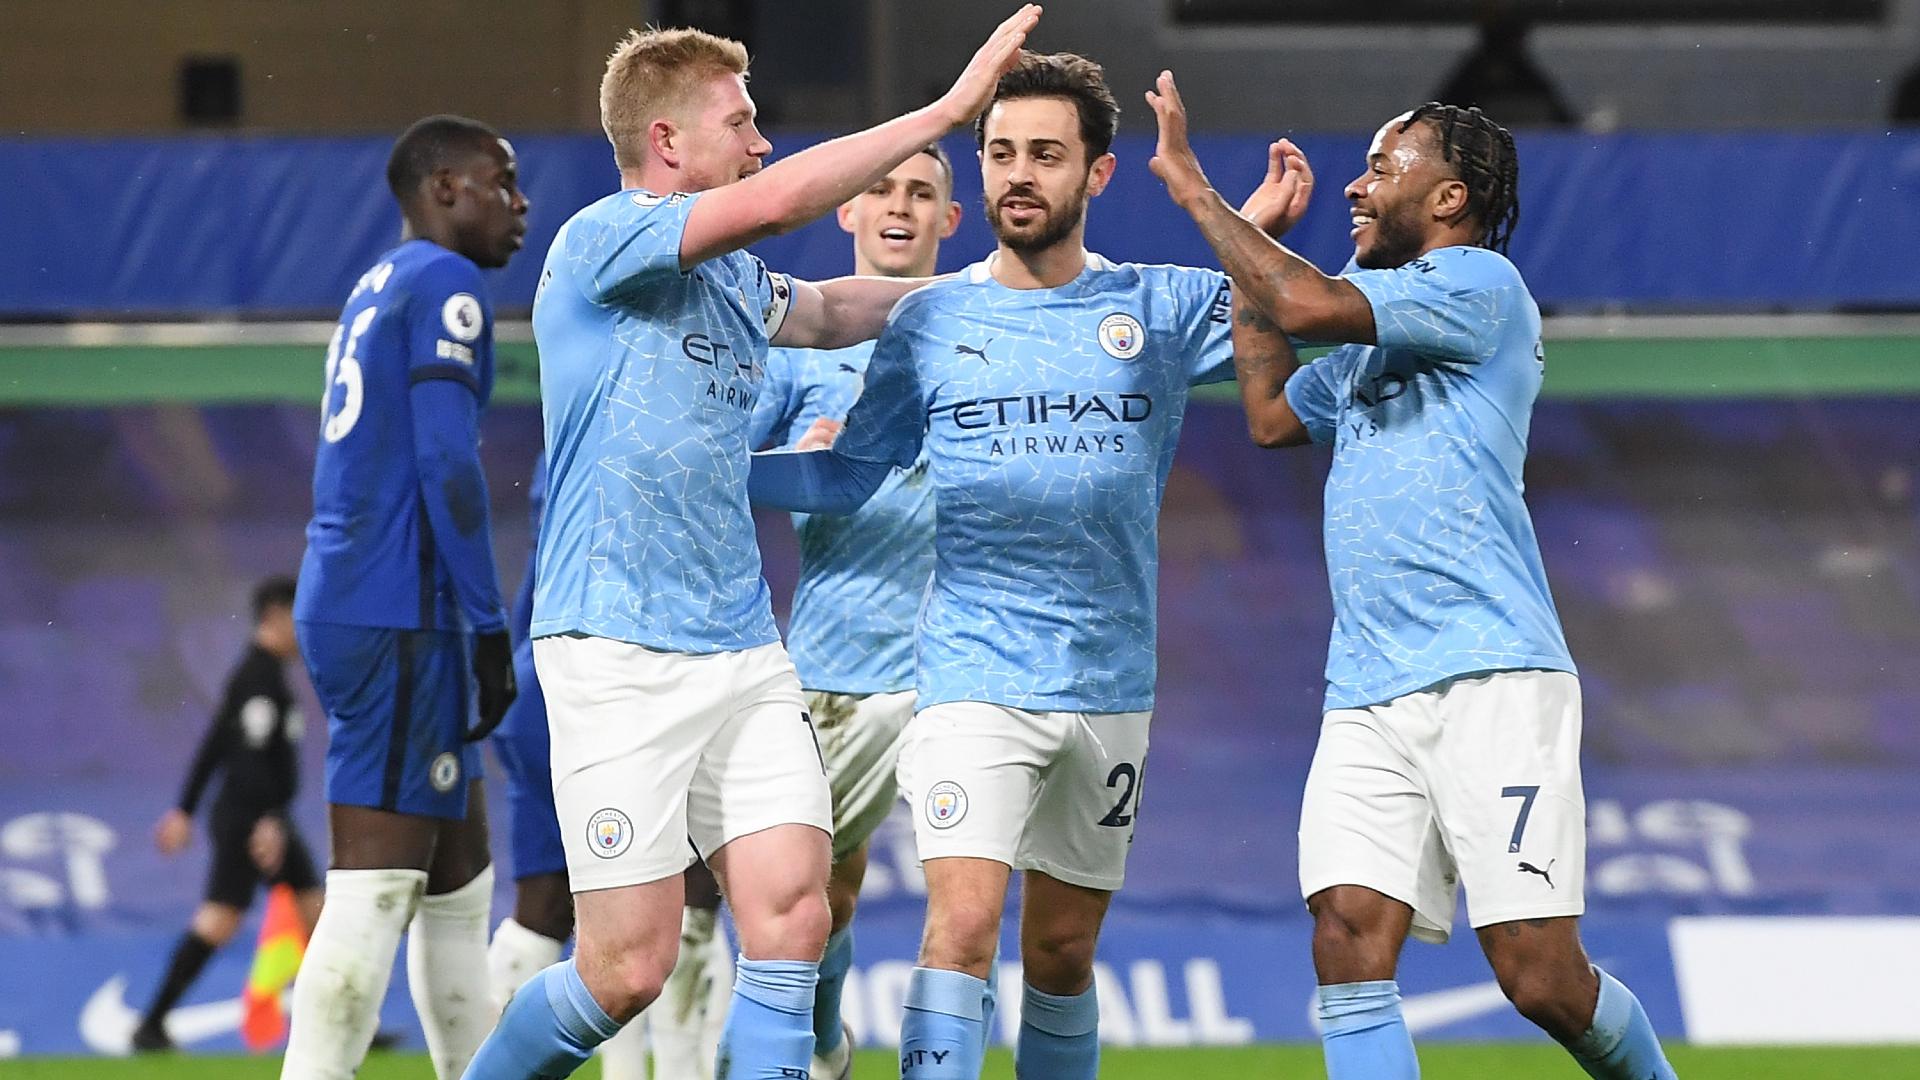 Man City slap down Chelsea to show true grit of Premier League title contenders